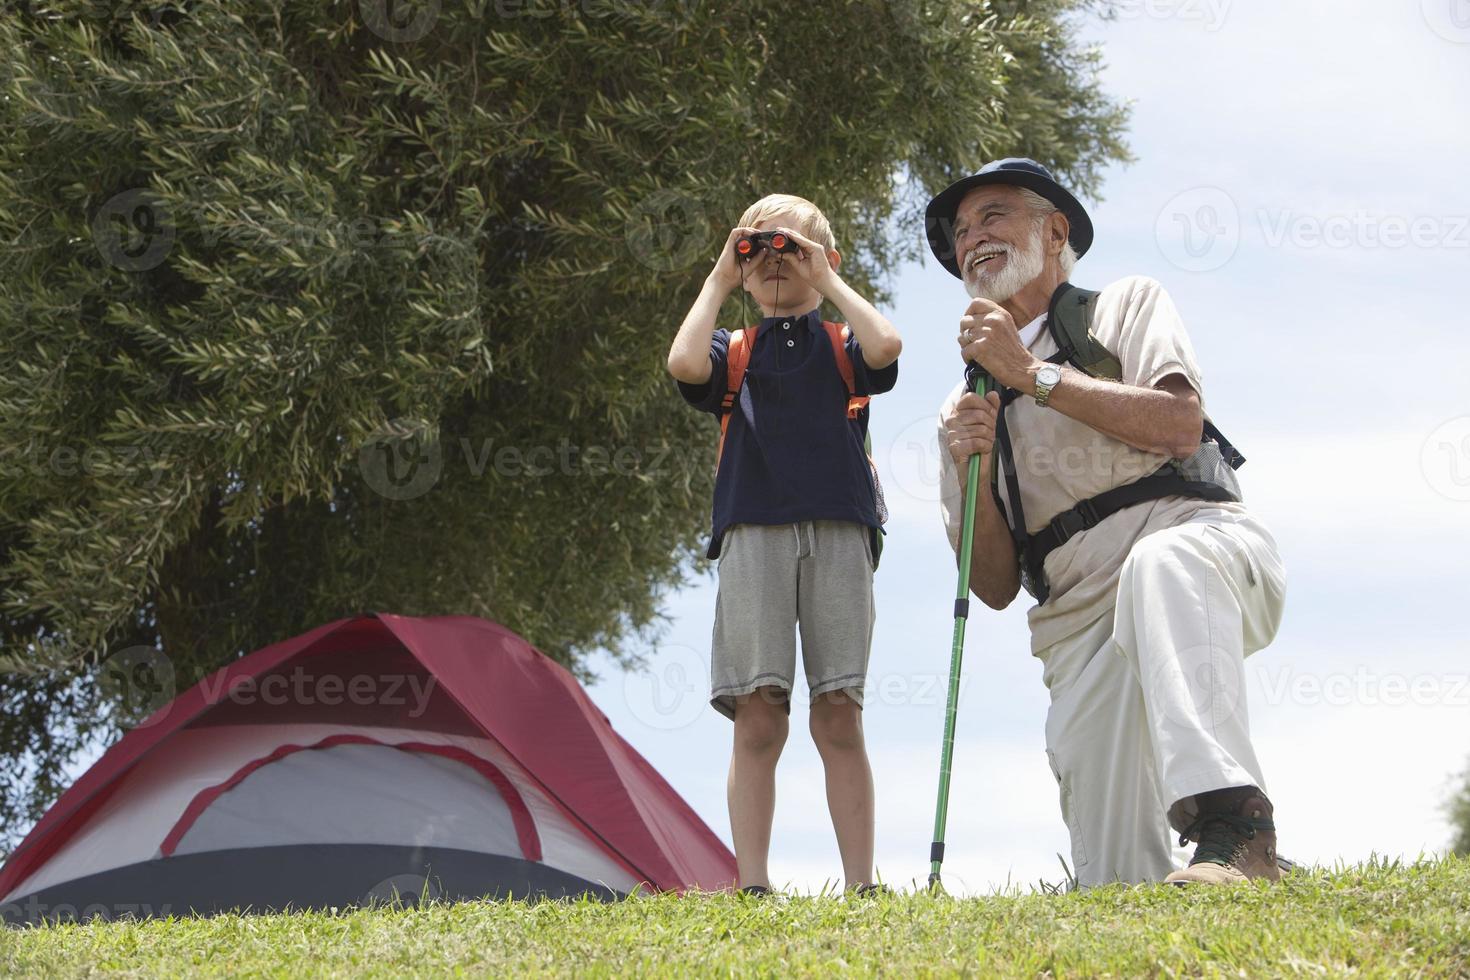 nonno e nipote bird watching davanti alla tenda foto